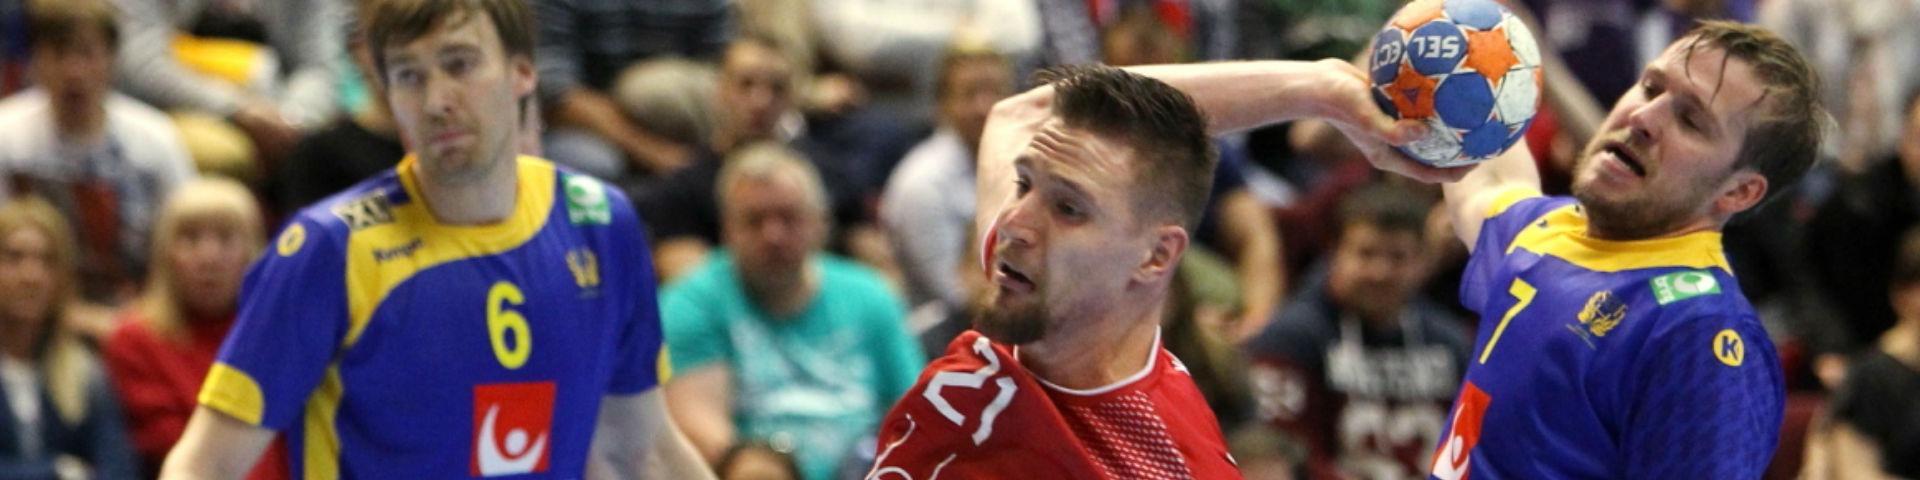 БК «Париматч» стала титульным партнёром Федерации гандбола России